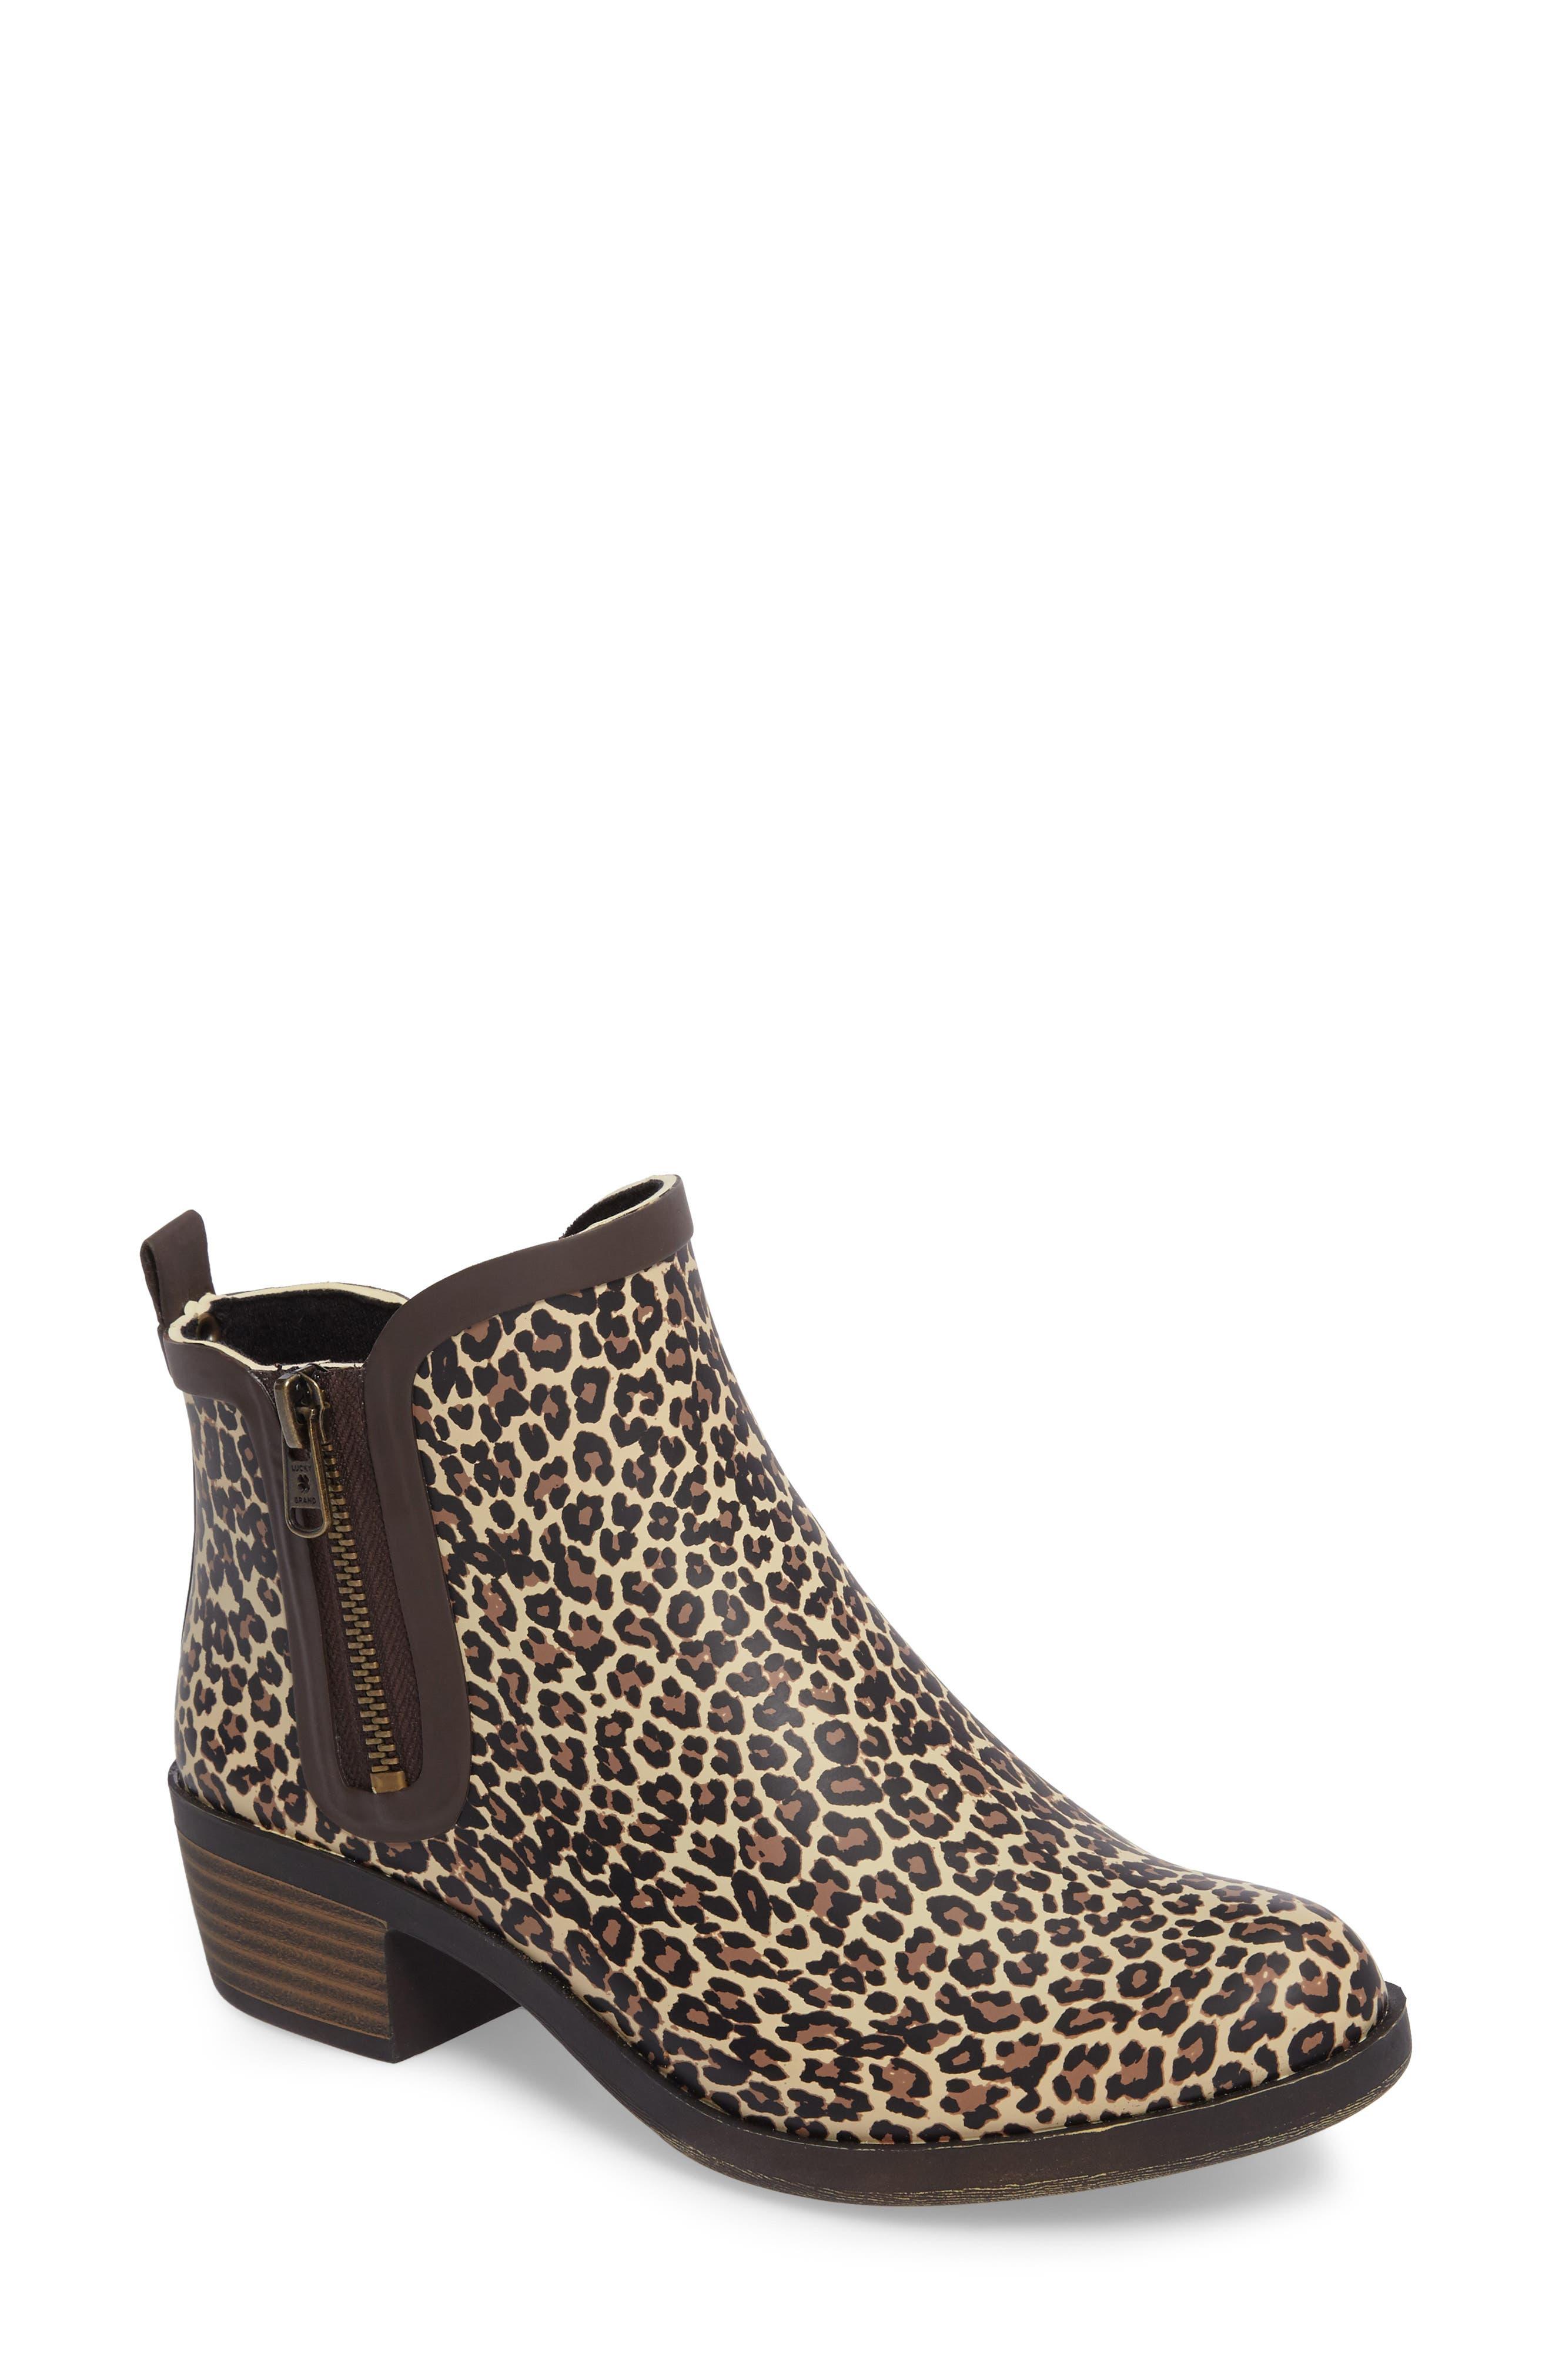 Alternate Image 1 Selected - Lucky Brand Baselrain Rain Boot (Women)